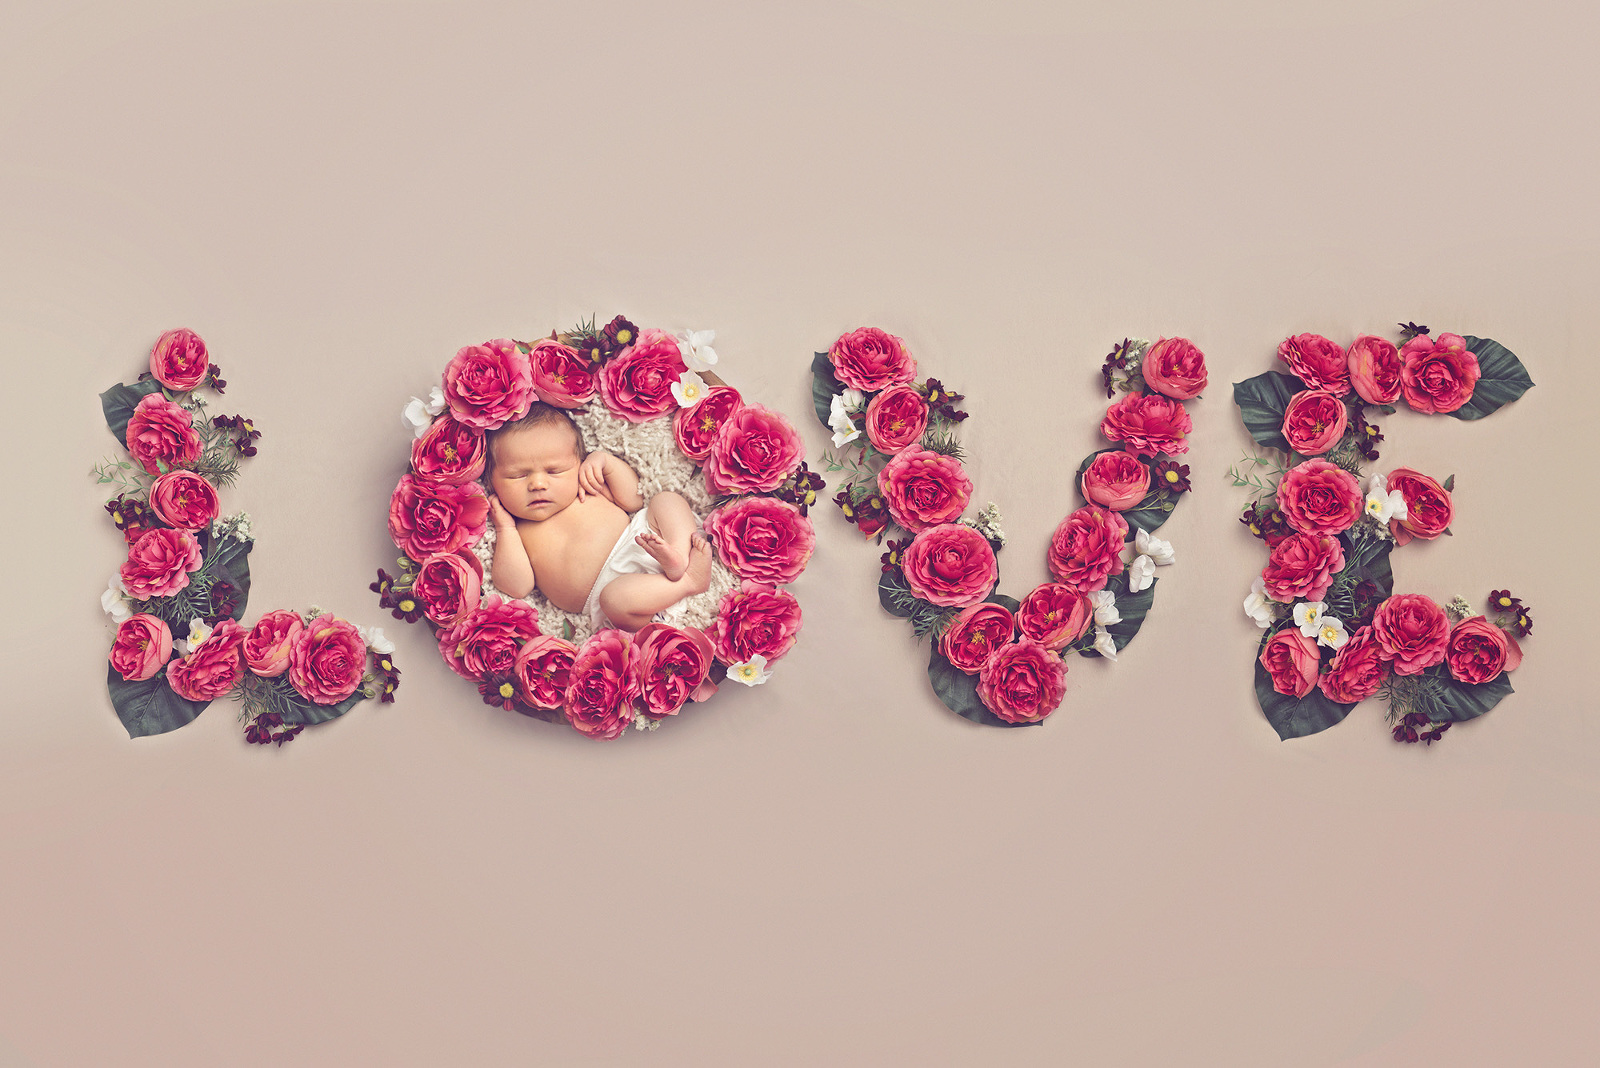 bebisfoto nyföddfotografering umeå bb umeå förlossningen NUS